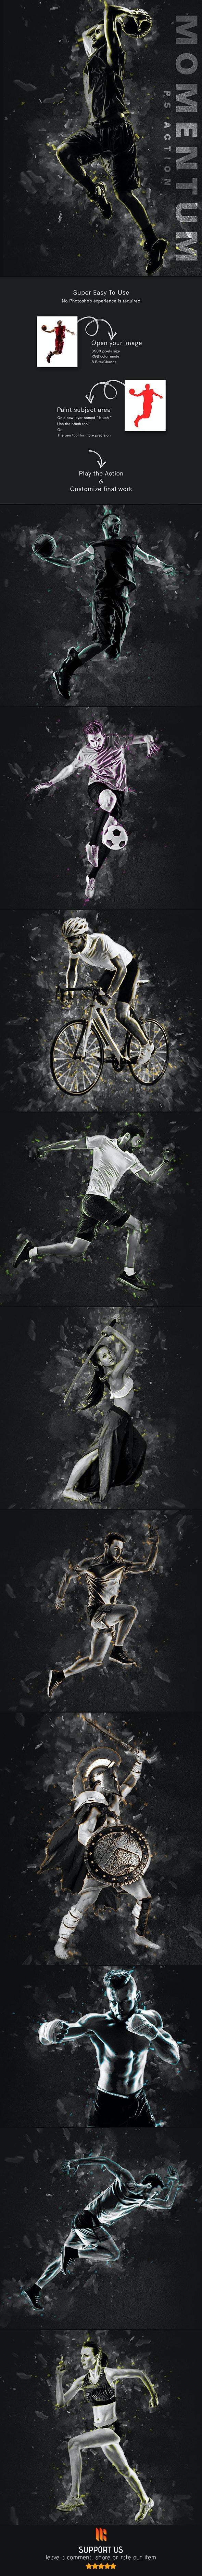 Momentum Photoshop Action - دانلود اکشن فتوشاپ Momentum